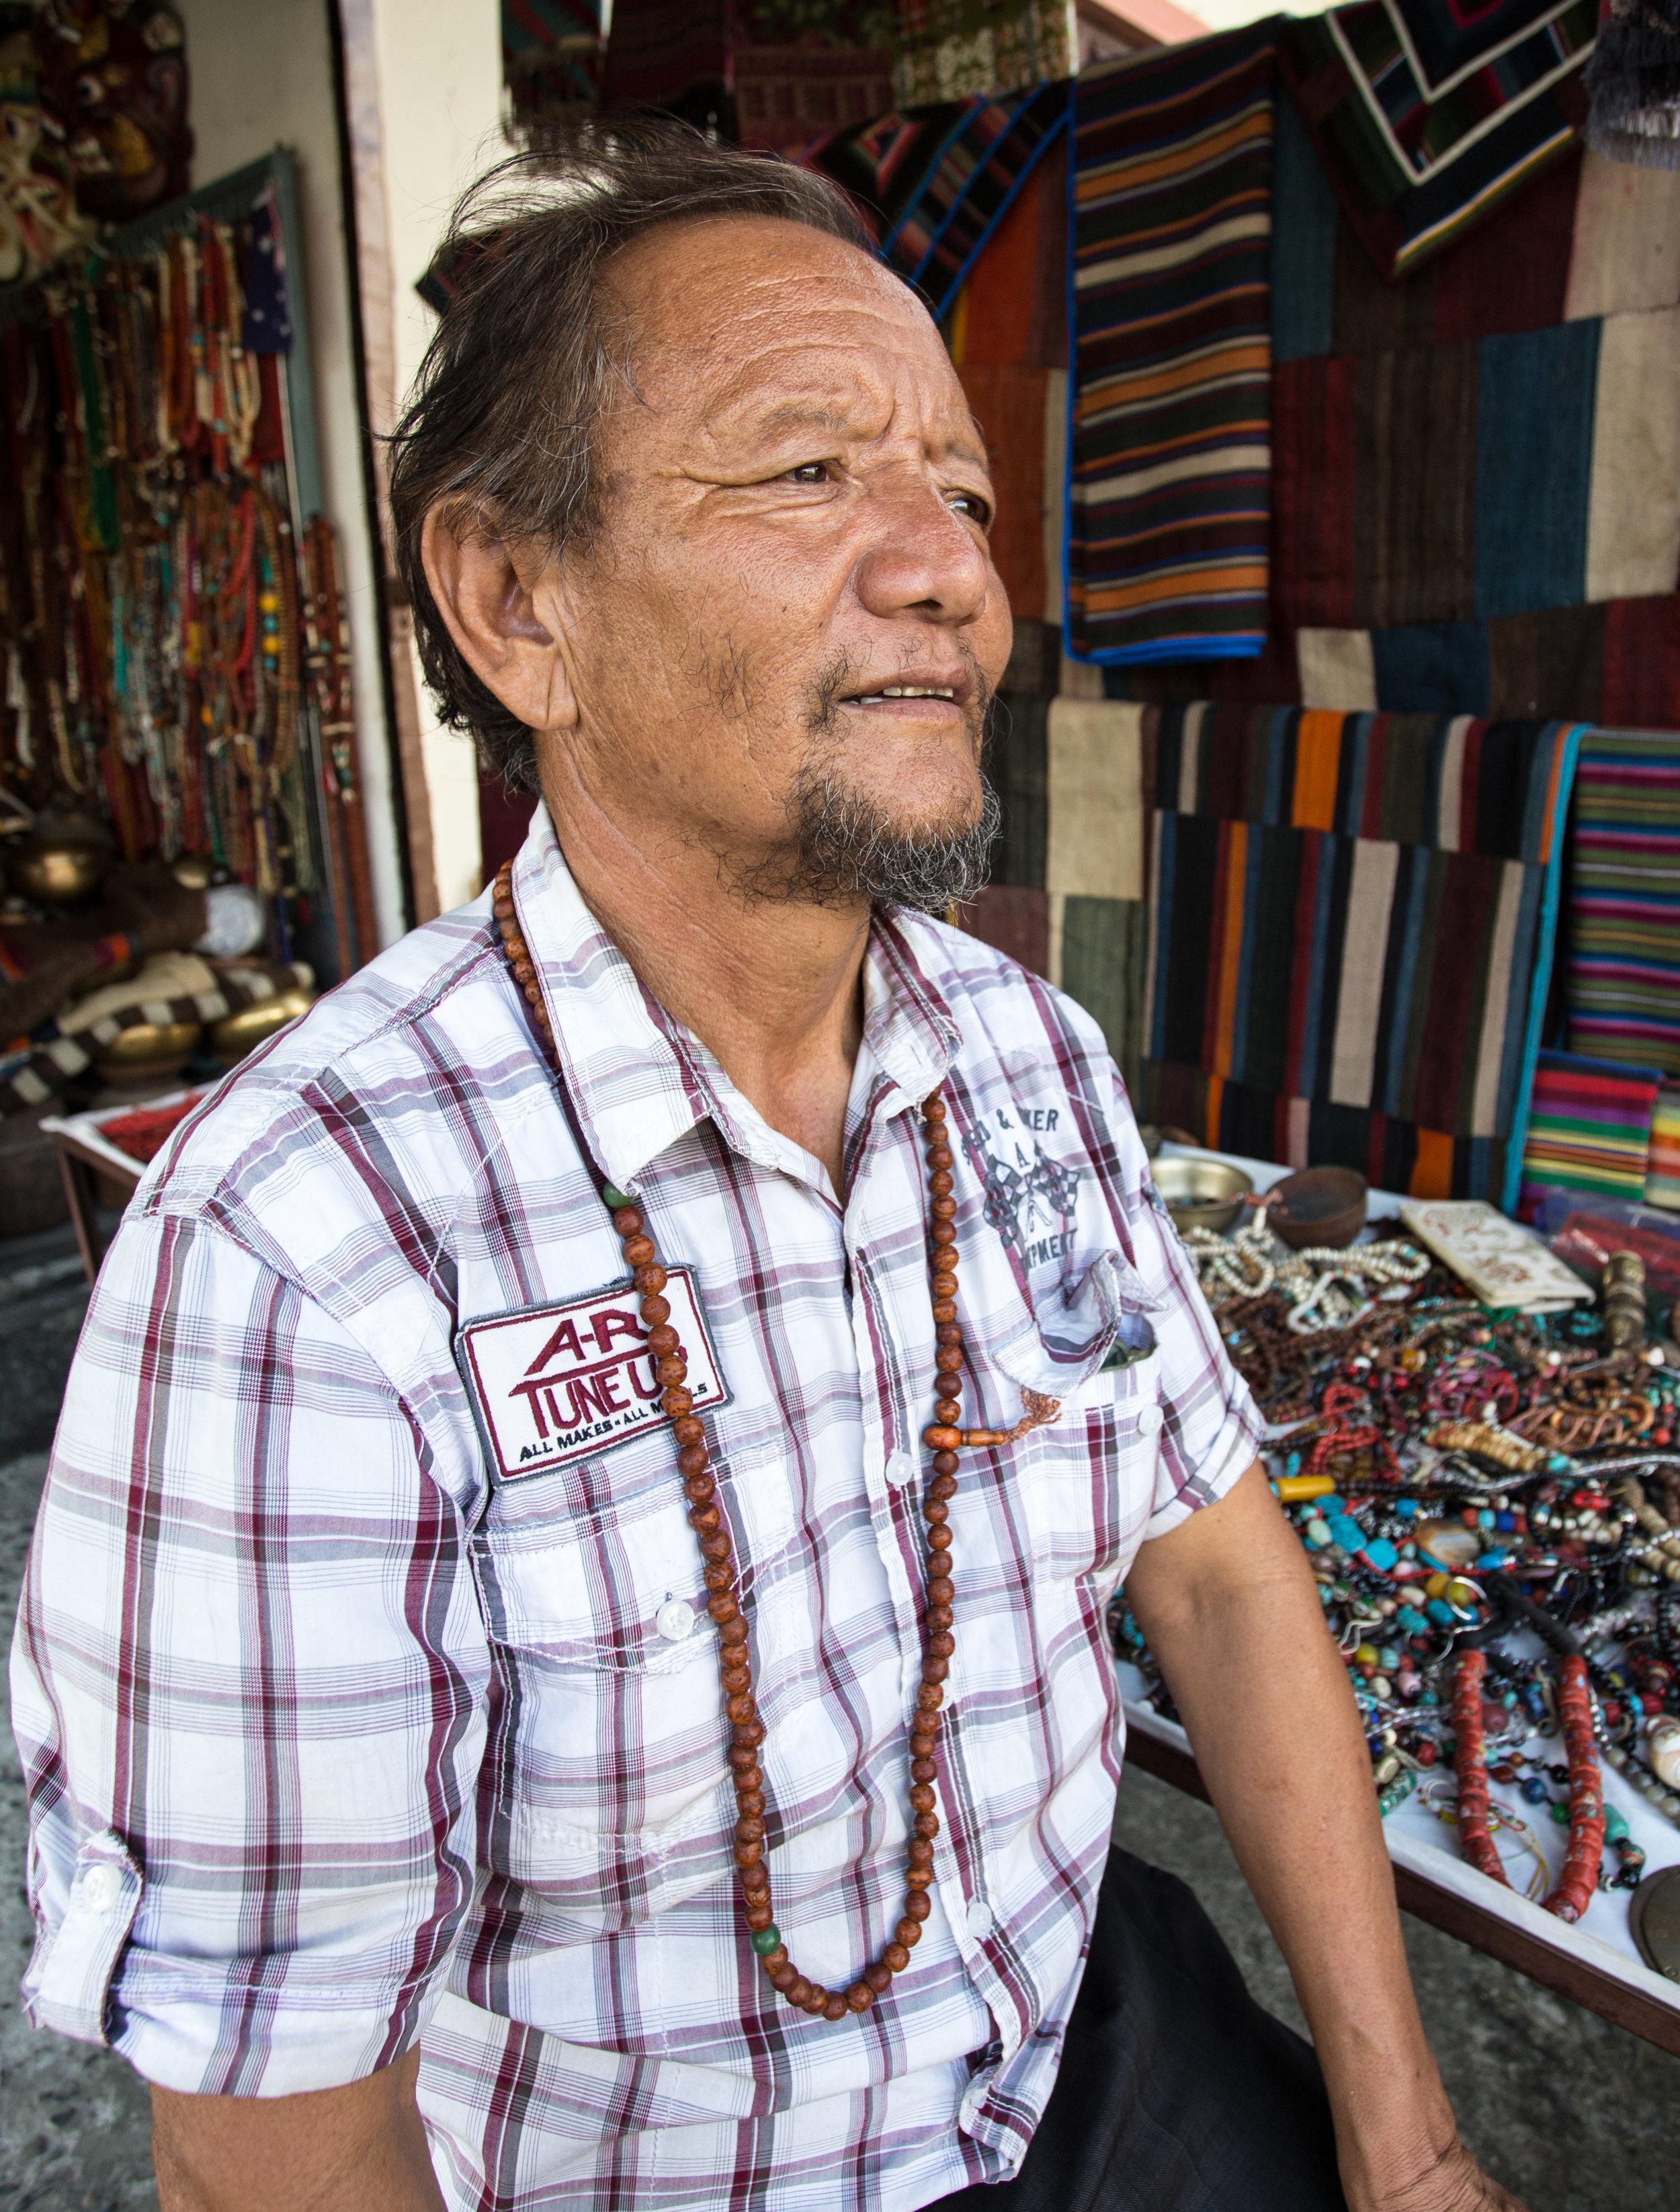 Tibetan refugee shop owner.